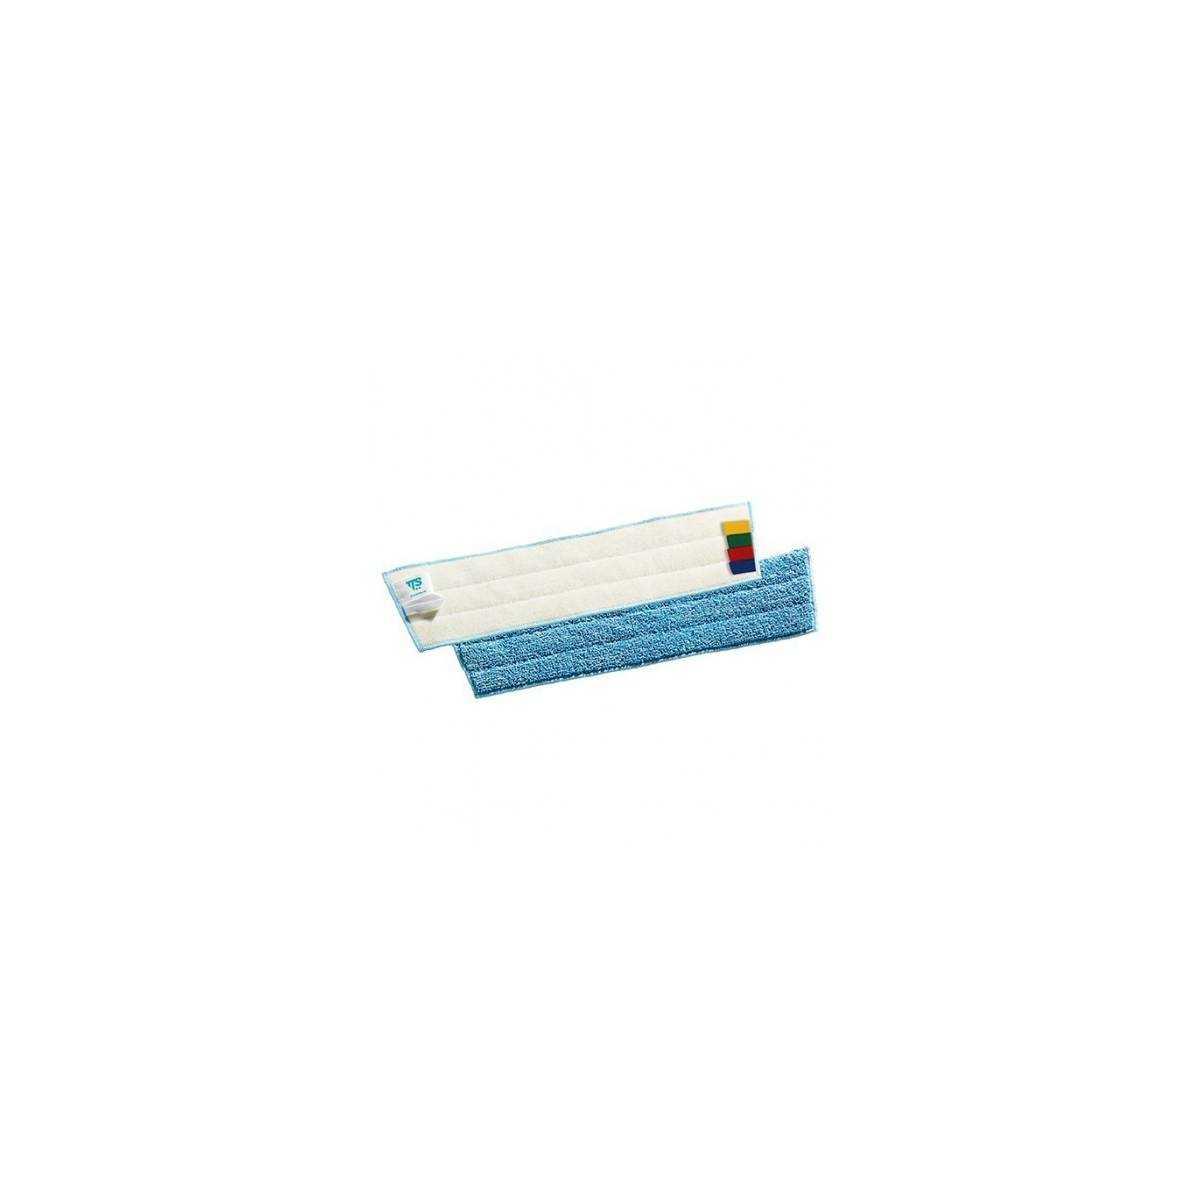 Mоп Microblue Velcro микрофибра 30см 00000729 TTS